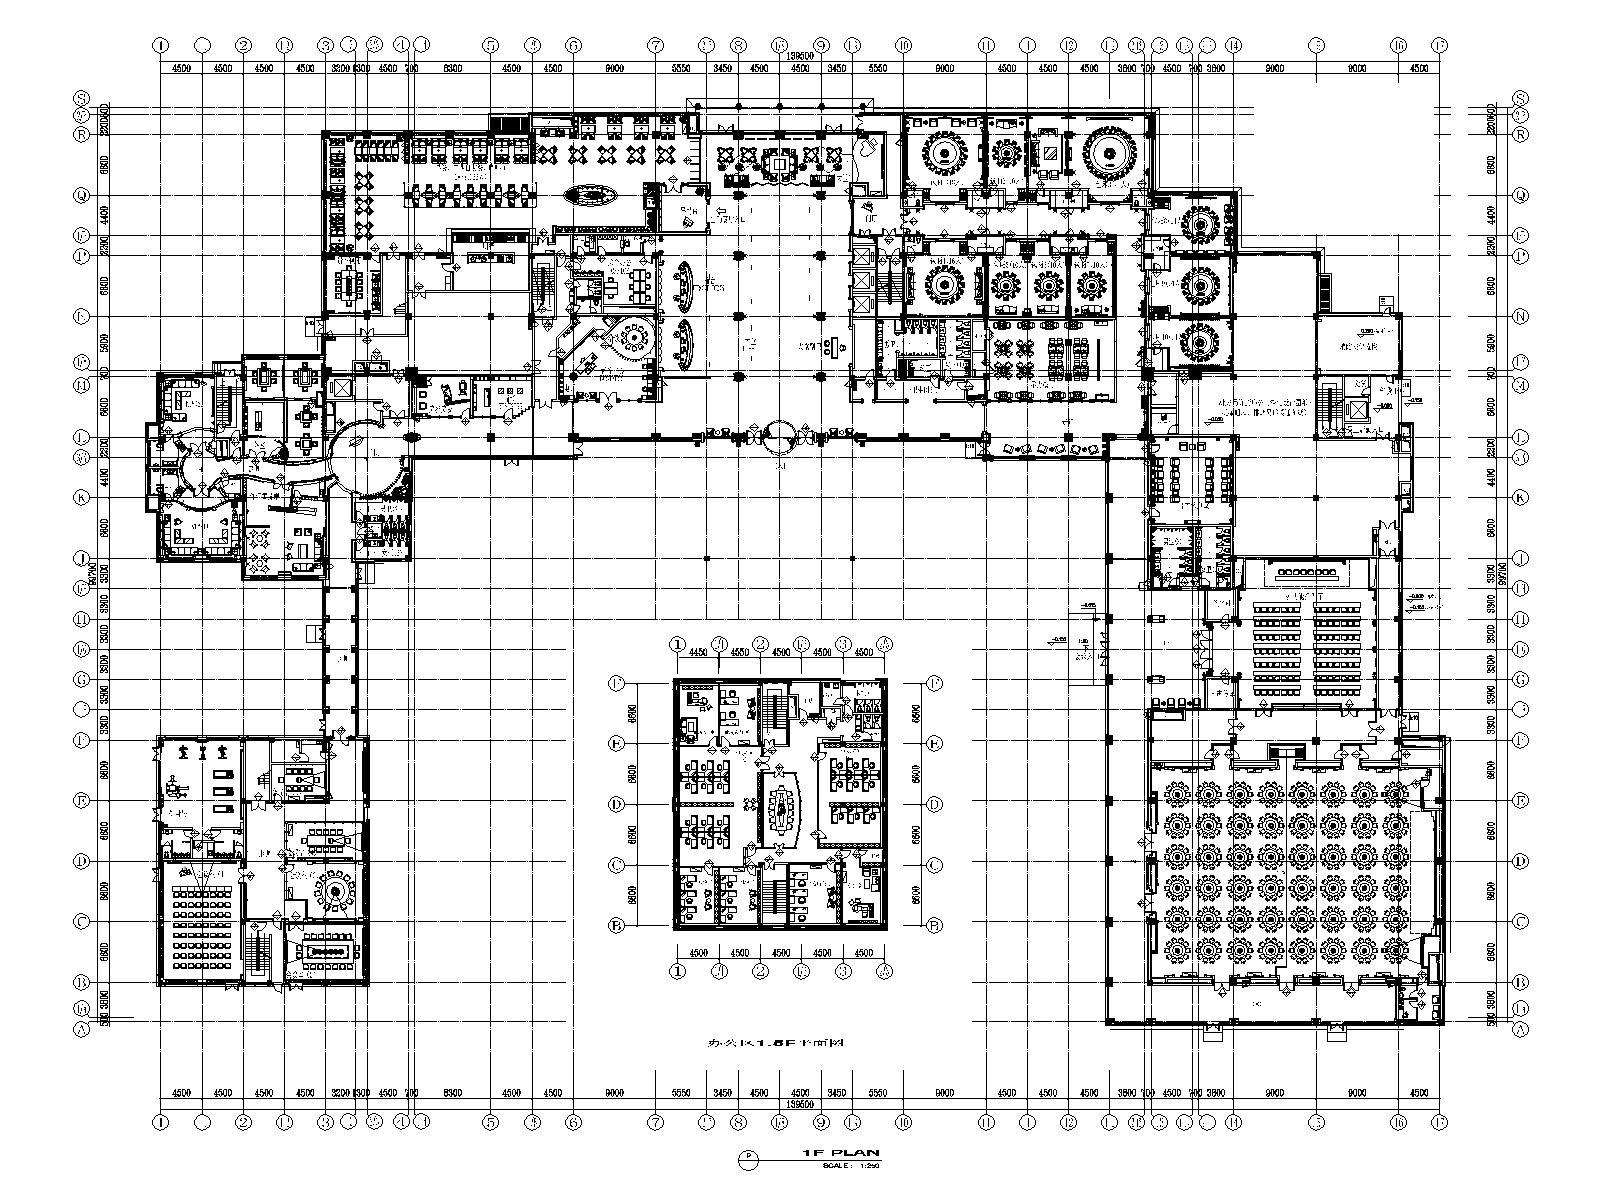 [苏州]金螳螂-独墅湖高教区专家公寓二期全套施工图设计